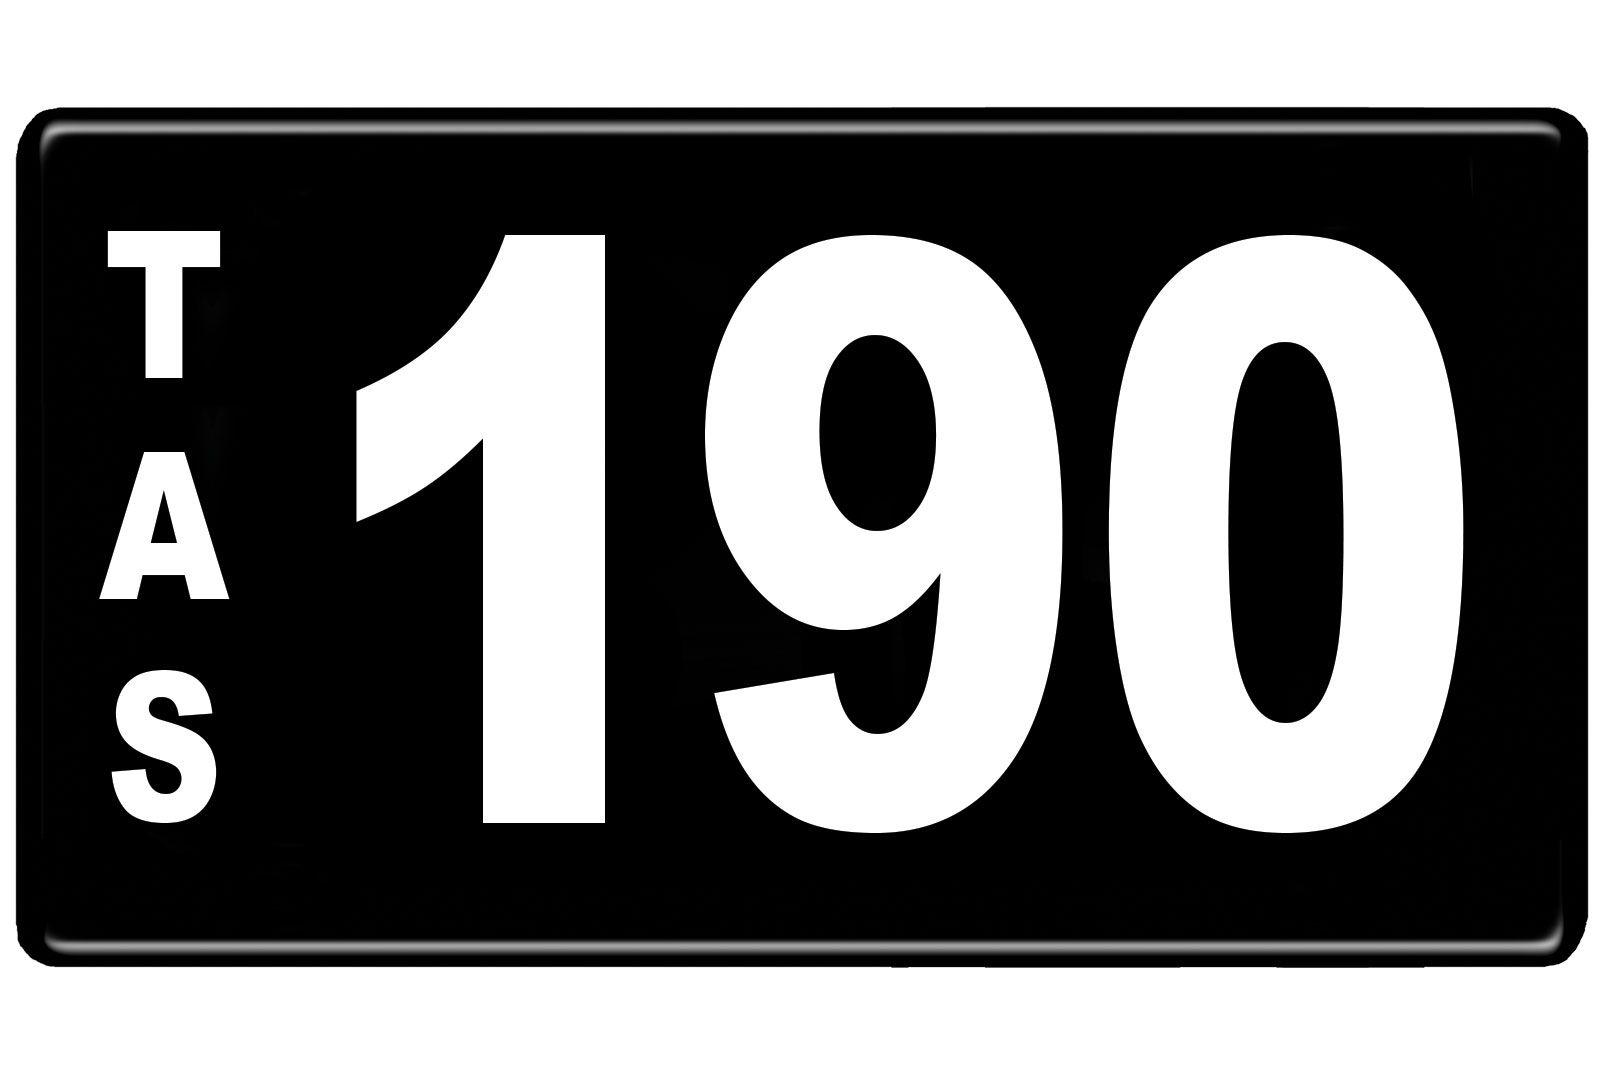 Number Plates - Tasmanian Numerical Number Plates '190'